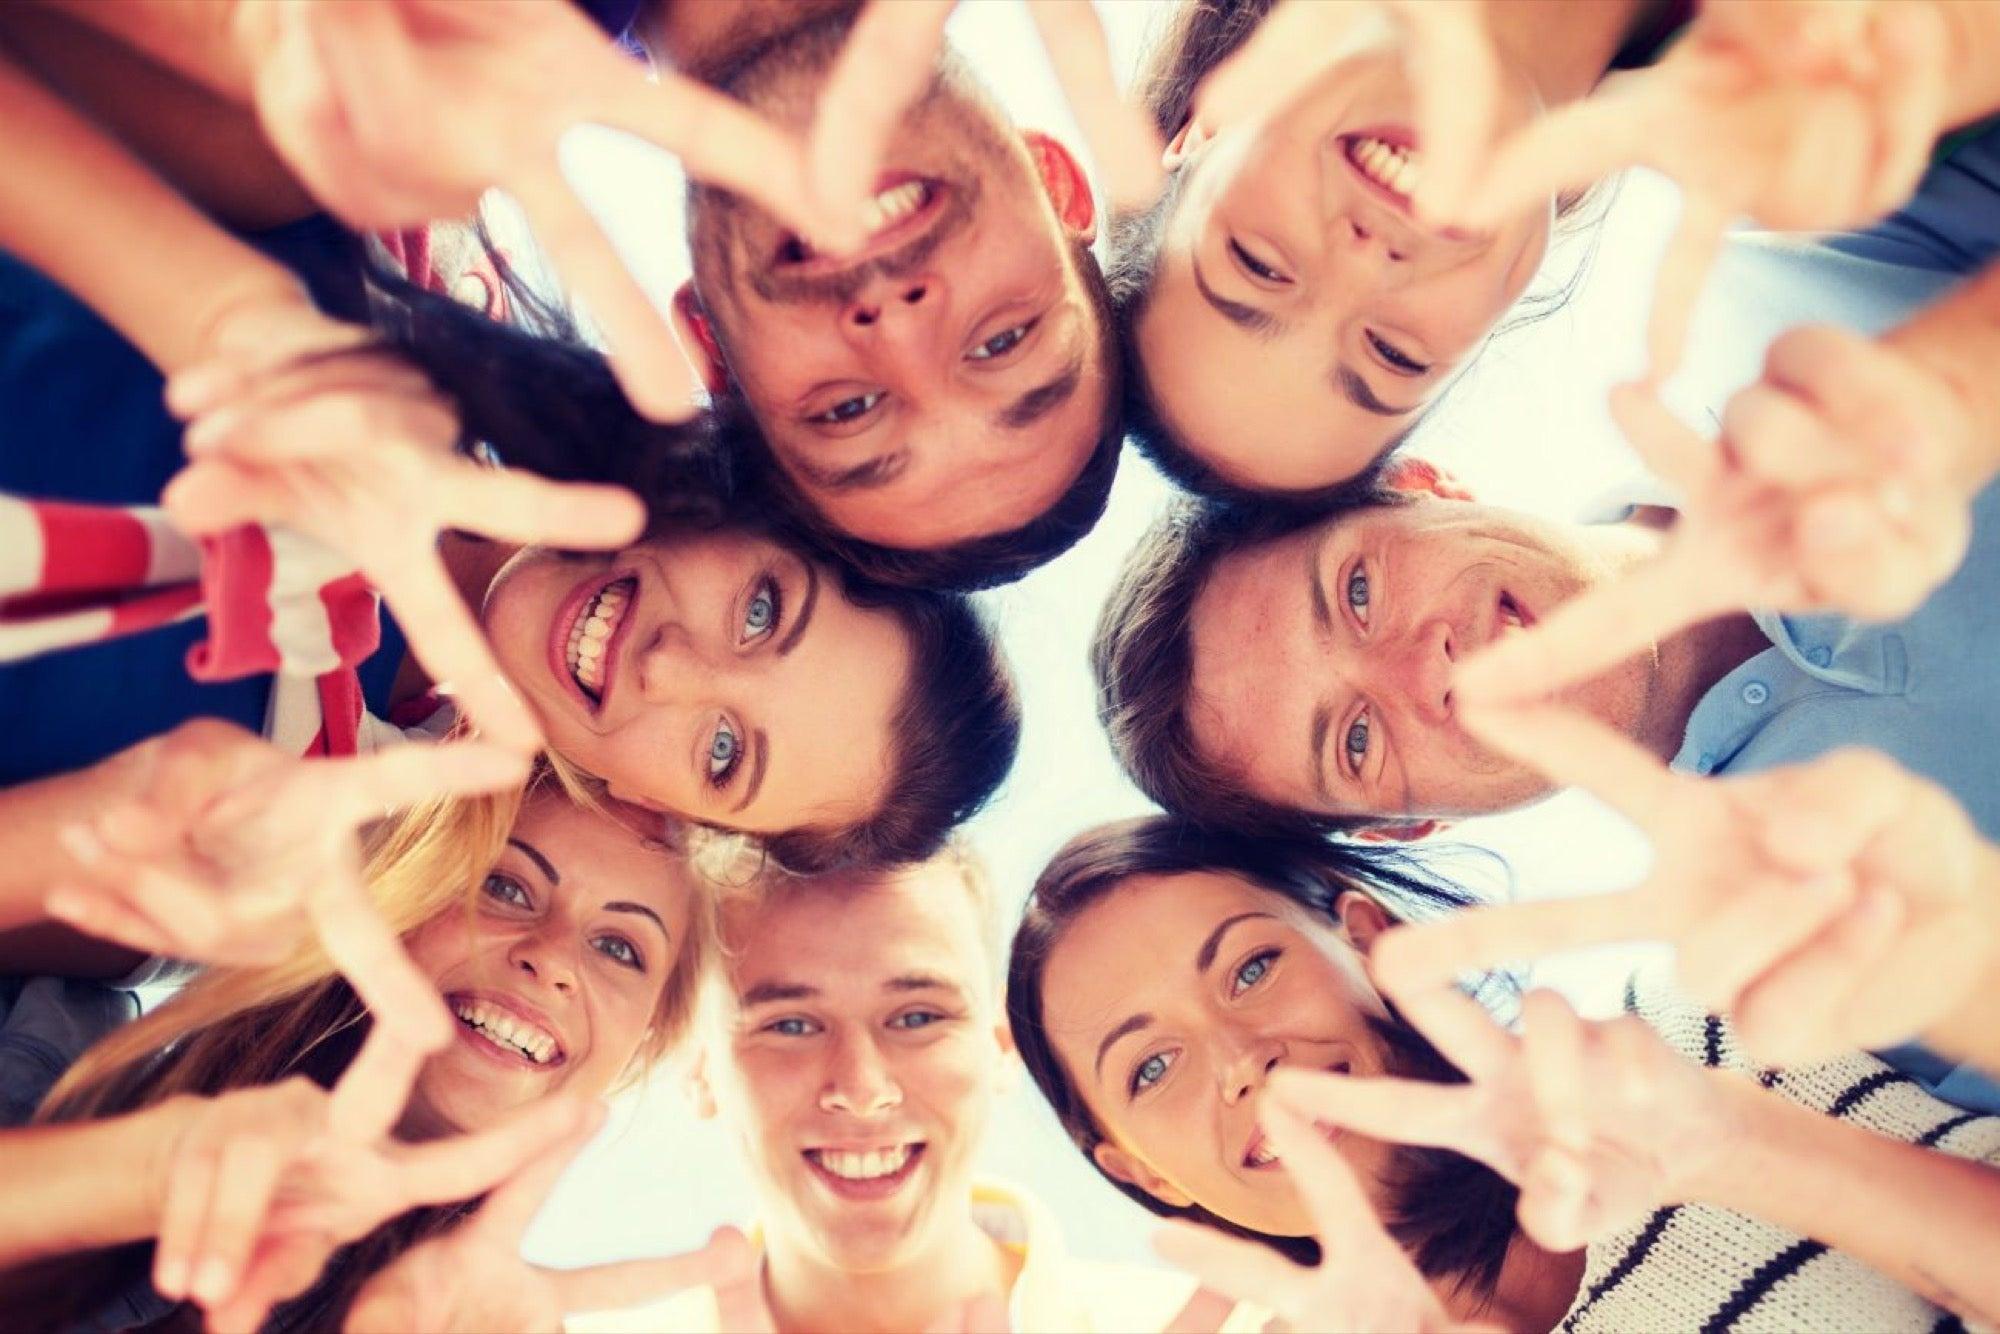 Frases Para Personas Serias: 10 Hábitos De Las Personas Felices (según La Ciencia